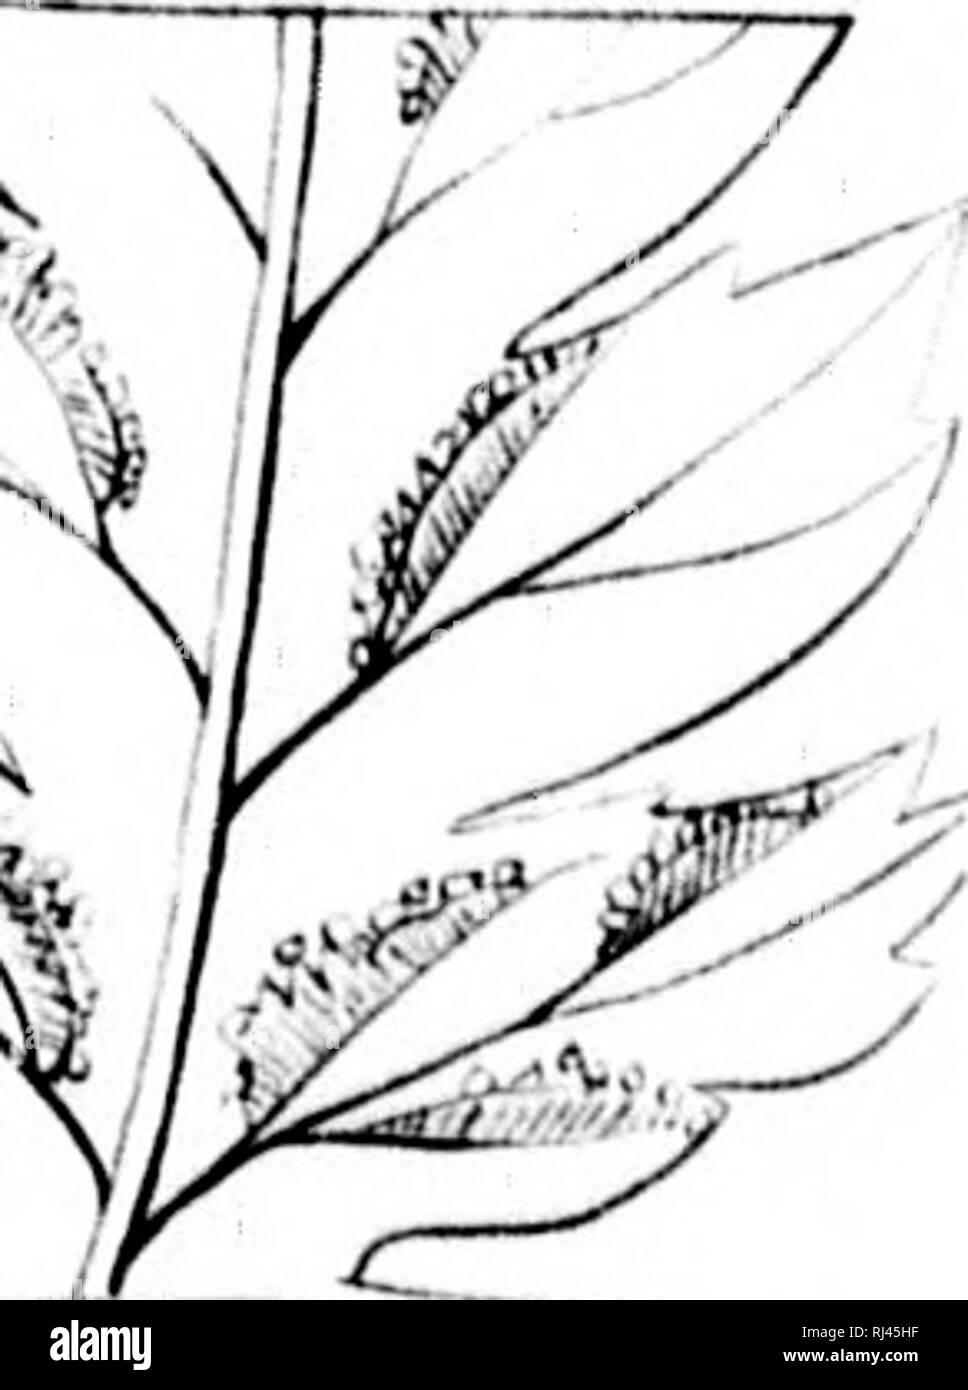 . Le felci dell America del Nord [microformati] : figure colorate e descrizioni, con la sinonimia e della distribuzione geografica delle felci (compreso il ophioglassaceae) degli Stati Uniti d'America e il British North American possedimenti. Felci; Fougères. Pkle Io/0 I^S*^ ;'5:--e.; (^ M. Am.jui.ri,: una Zi .ui So. Si prega di notare che queste immagini vengono estratte dalla pagina sottoposta a scansione di immagini che possono essere state migliorate digitalmente per la leggibilità - Colorazione e aspetto di queste illustrazioni potrebbero non perfettamente assomigliano al lavoro originale. Eaton, Daniel Cady, 1834-1895. Salem [Messa. ] : S. E. Cassi Foto Stock